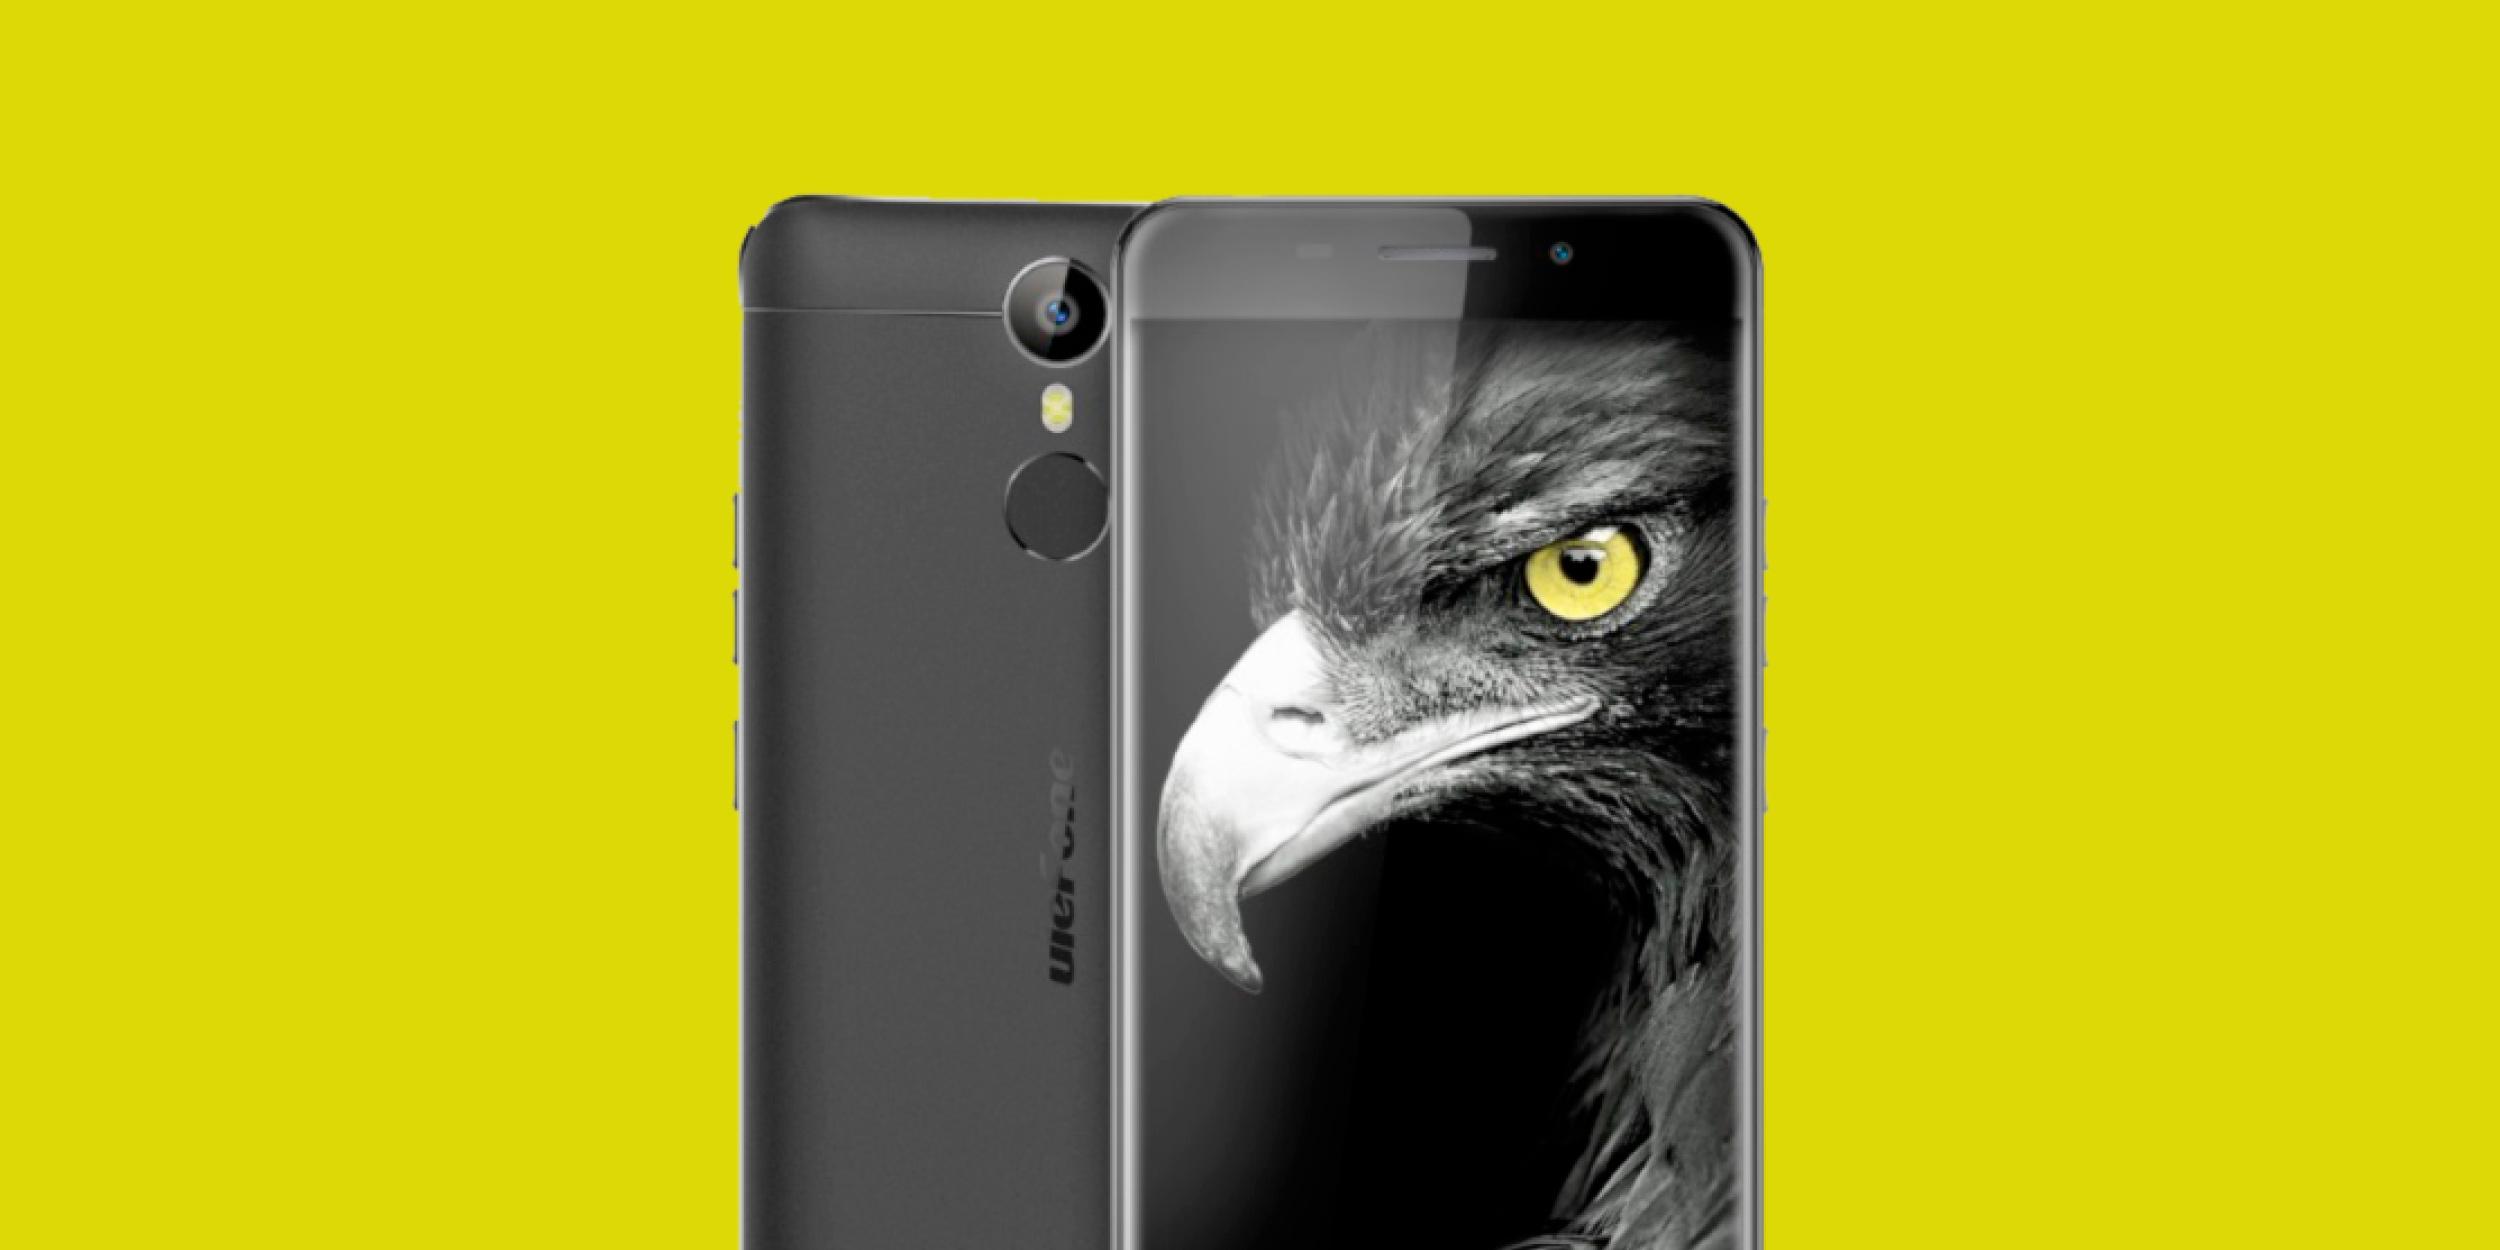 Ulefone представила новый смартфон в цельнометаллическом корпусе